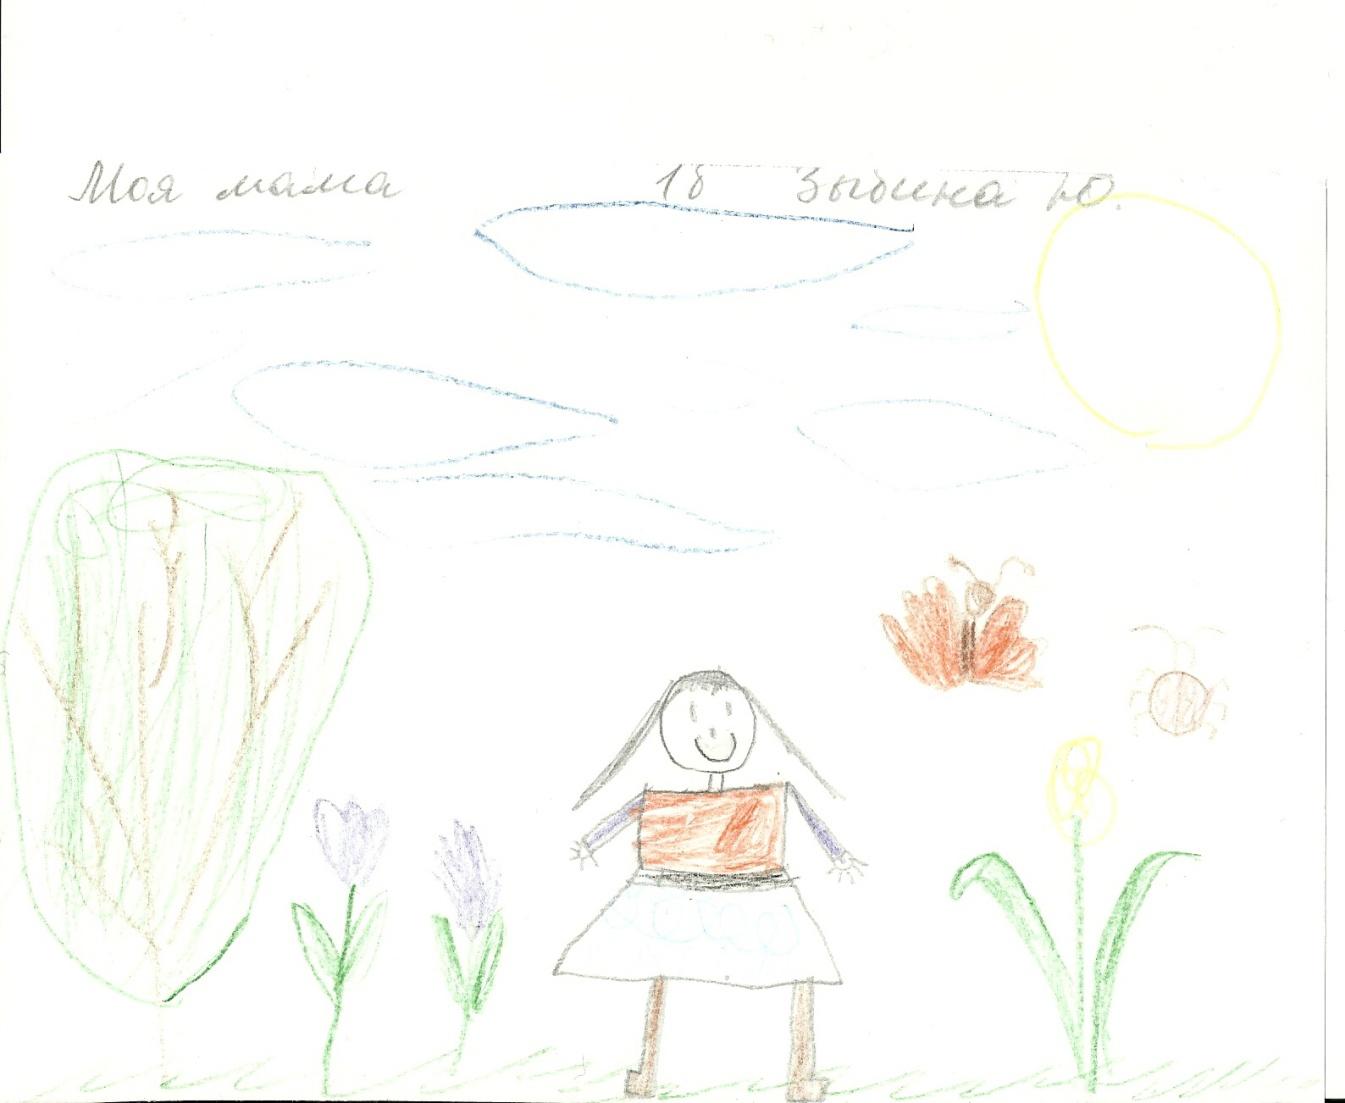 C:\Users\NecroS\Pictures\Мои сканированные изображения\2013-05 (май) Моя семья рисунки детей\сканирование0004.jpg